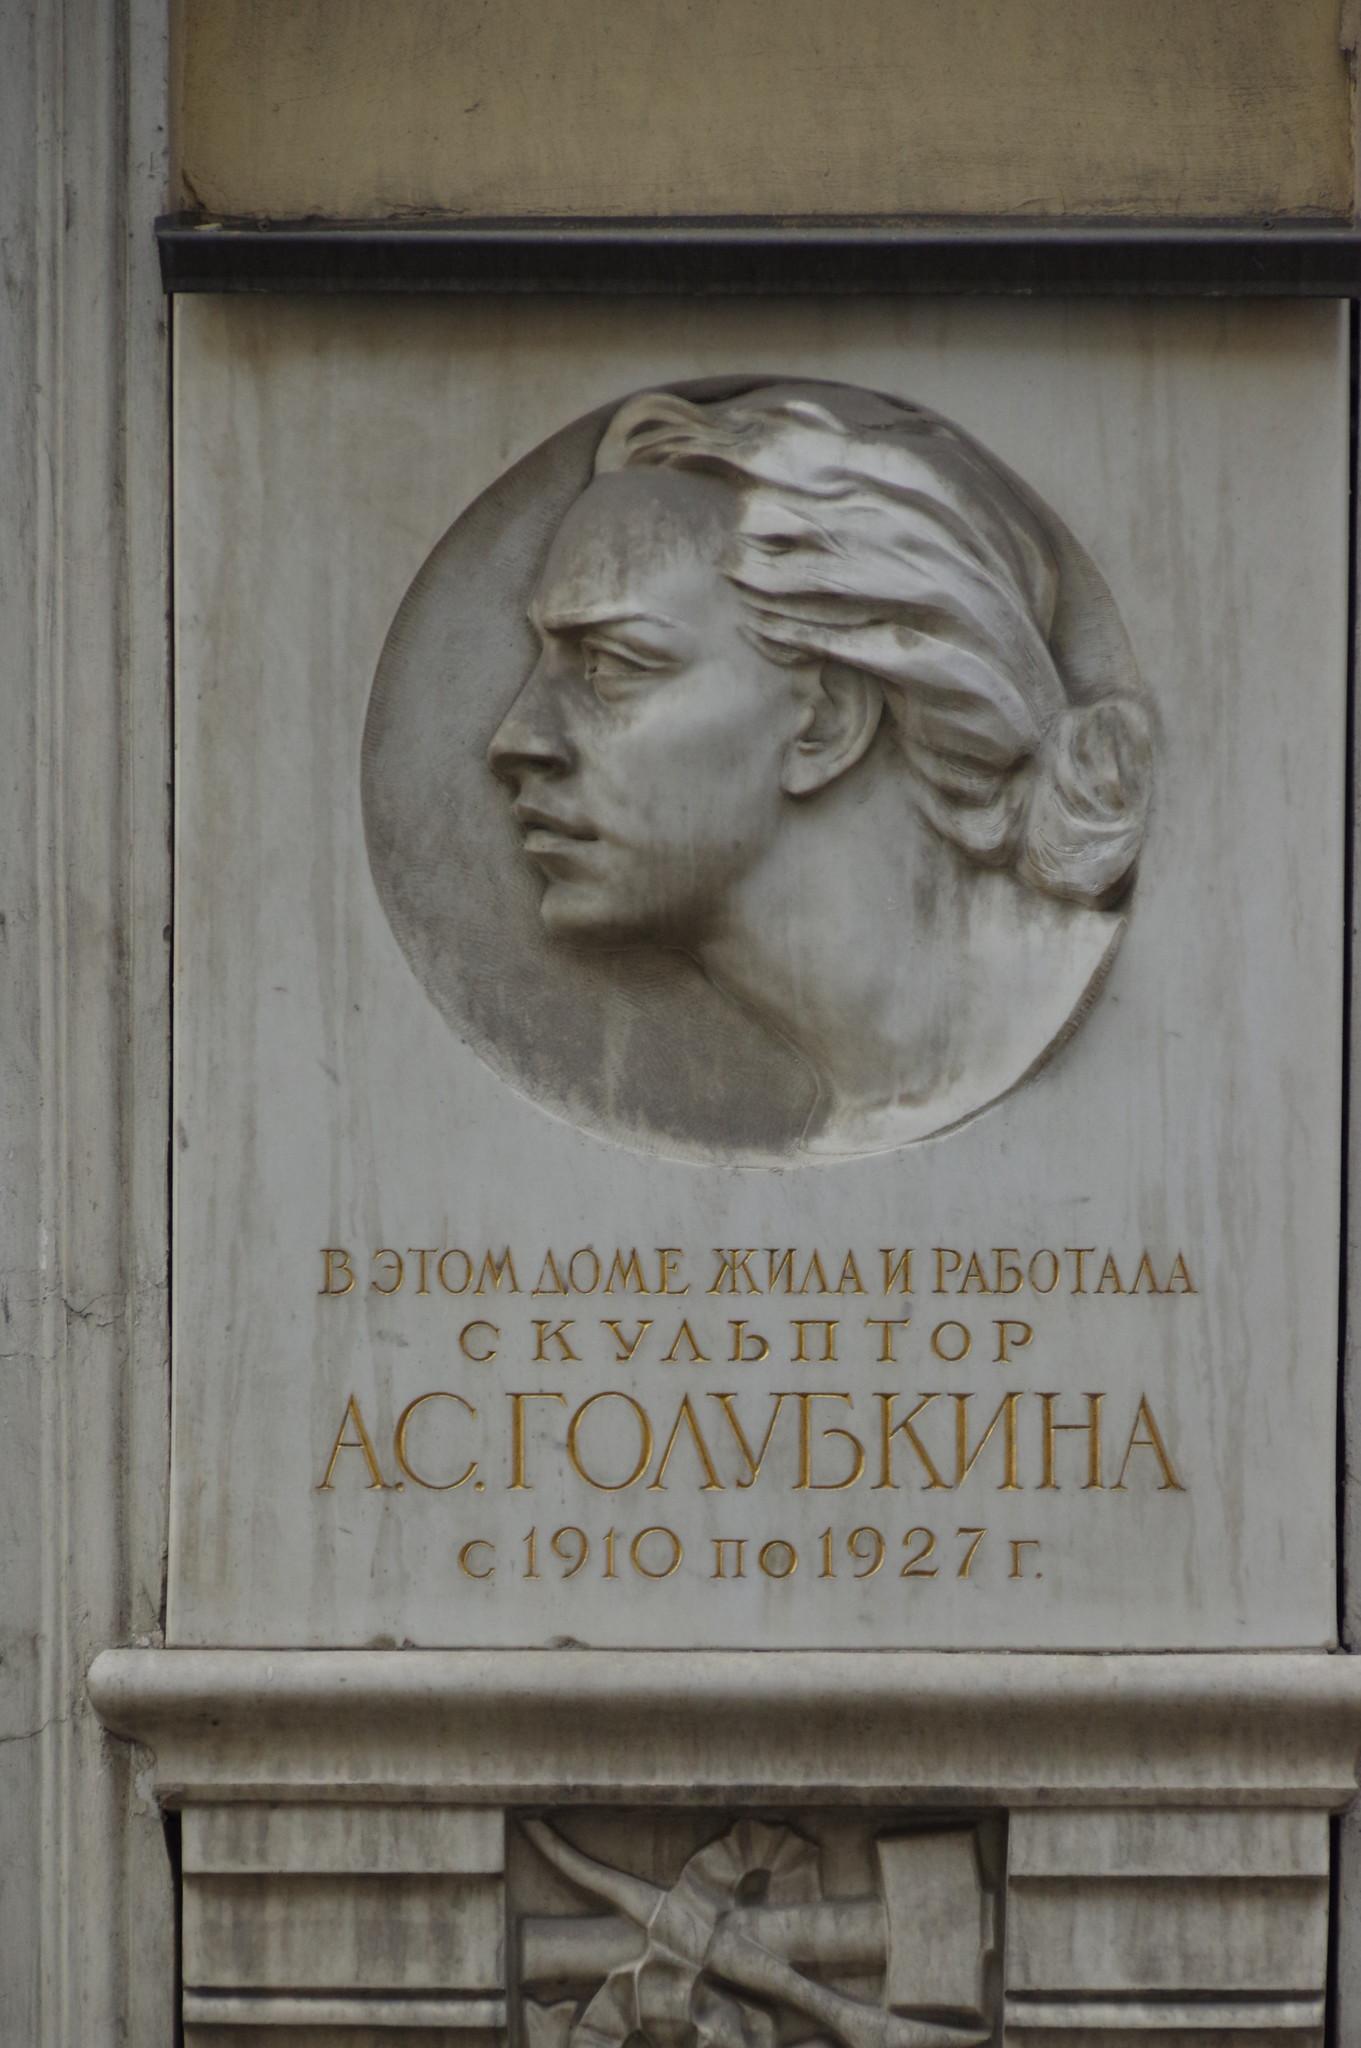 Музей-мастерская скульптора А.С. Голубкиной (Большой Лёвшинский переулок, дом 12)